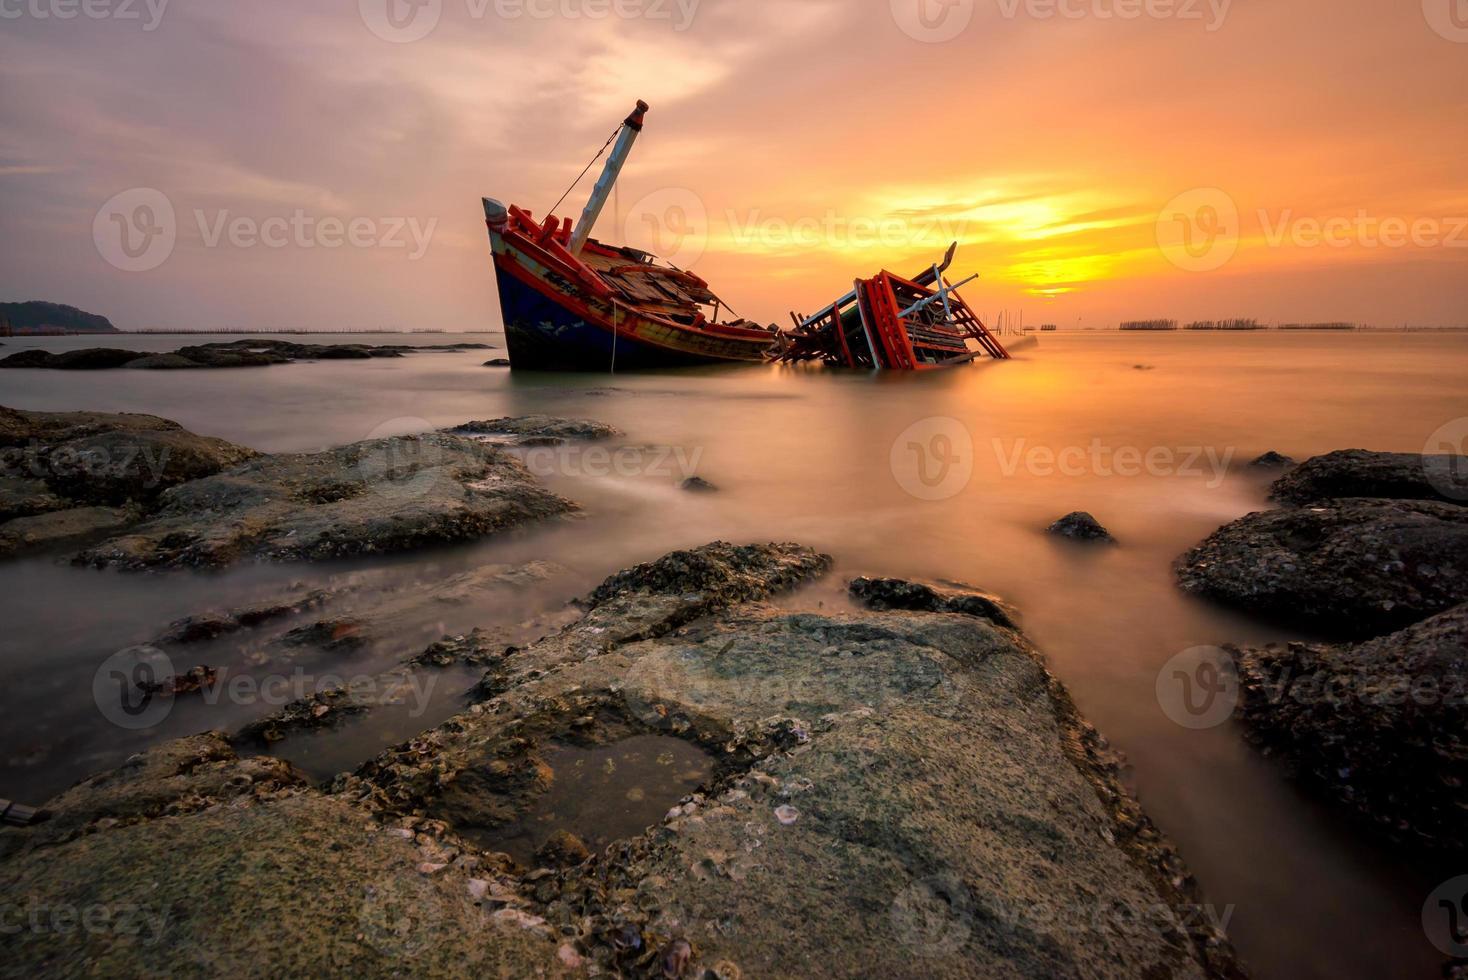 vissersboot strandde met uitzicht op de zonsondergang foto